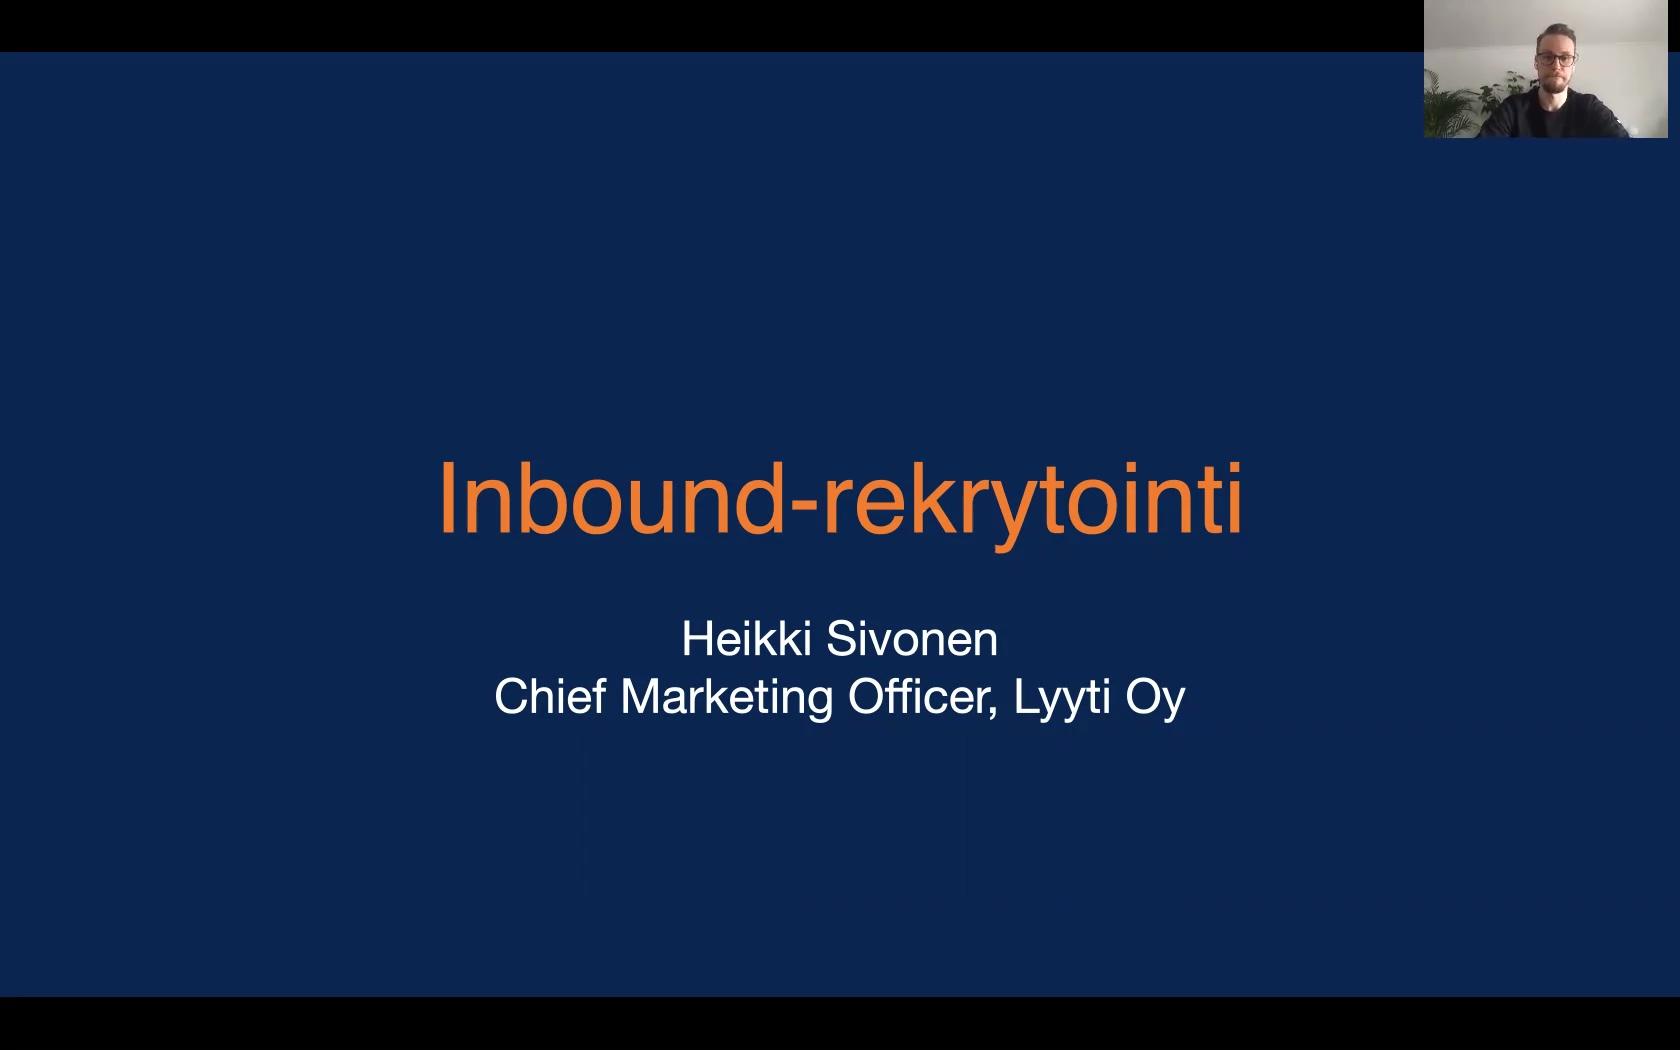 Inbound-rekry - Video 1